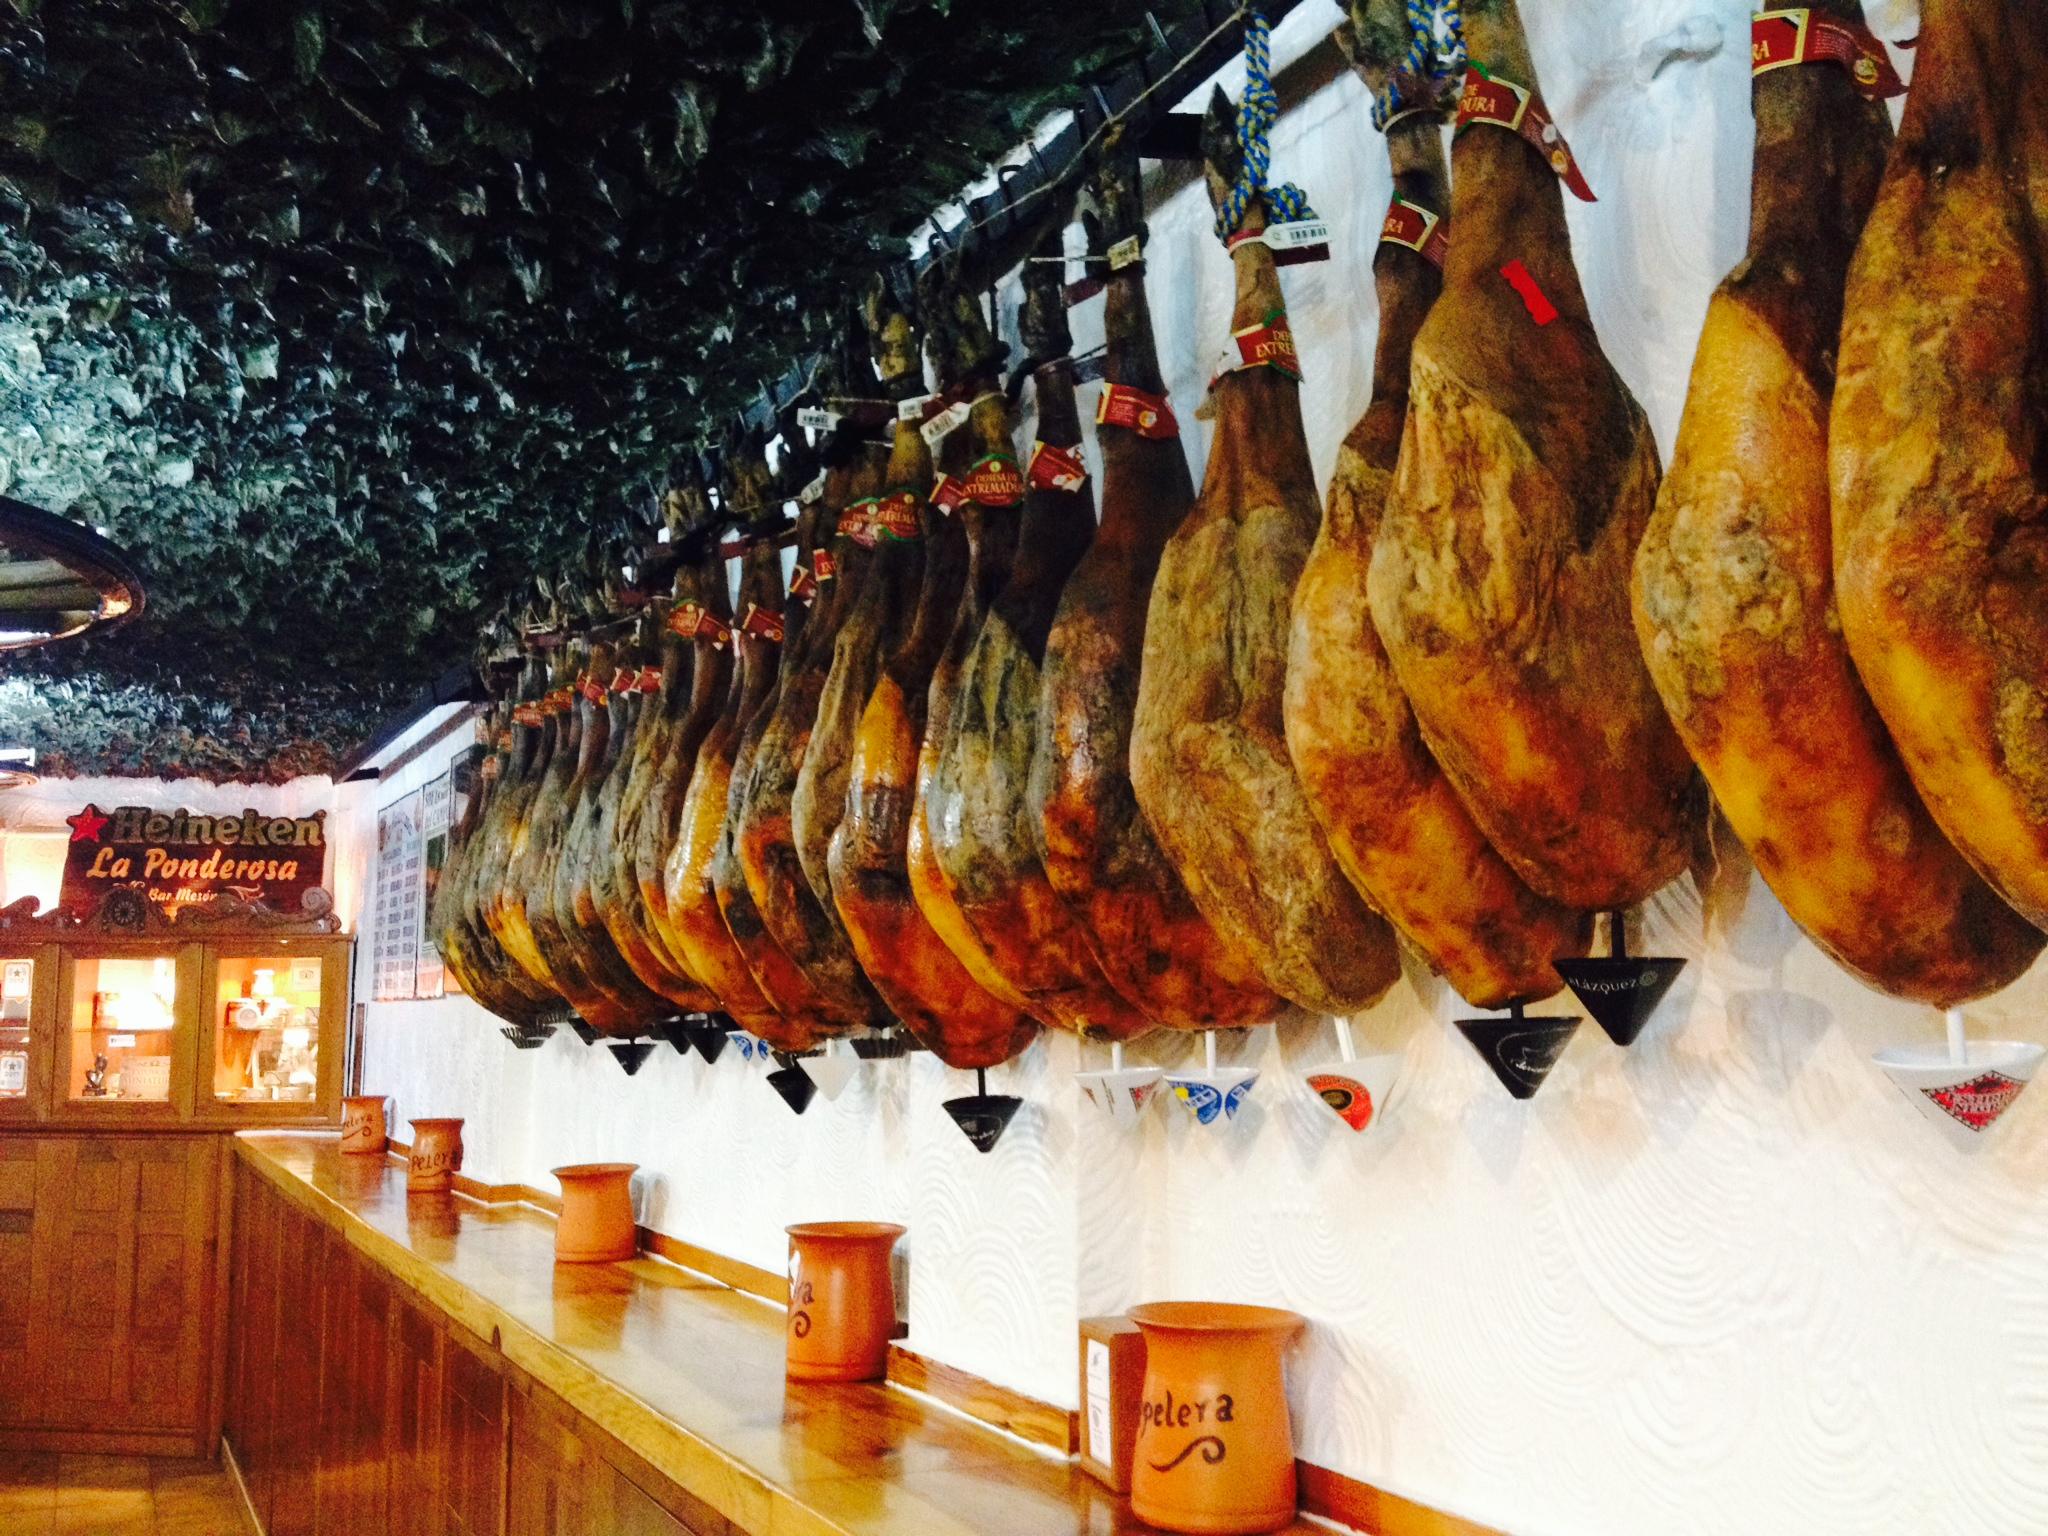 restaurante_la_ponderosa_cuenca_cañas_mirandoacuenca.es